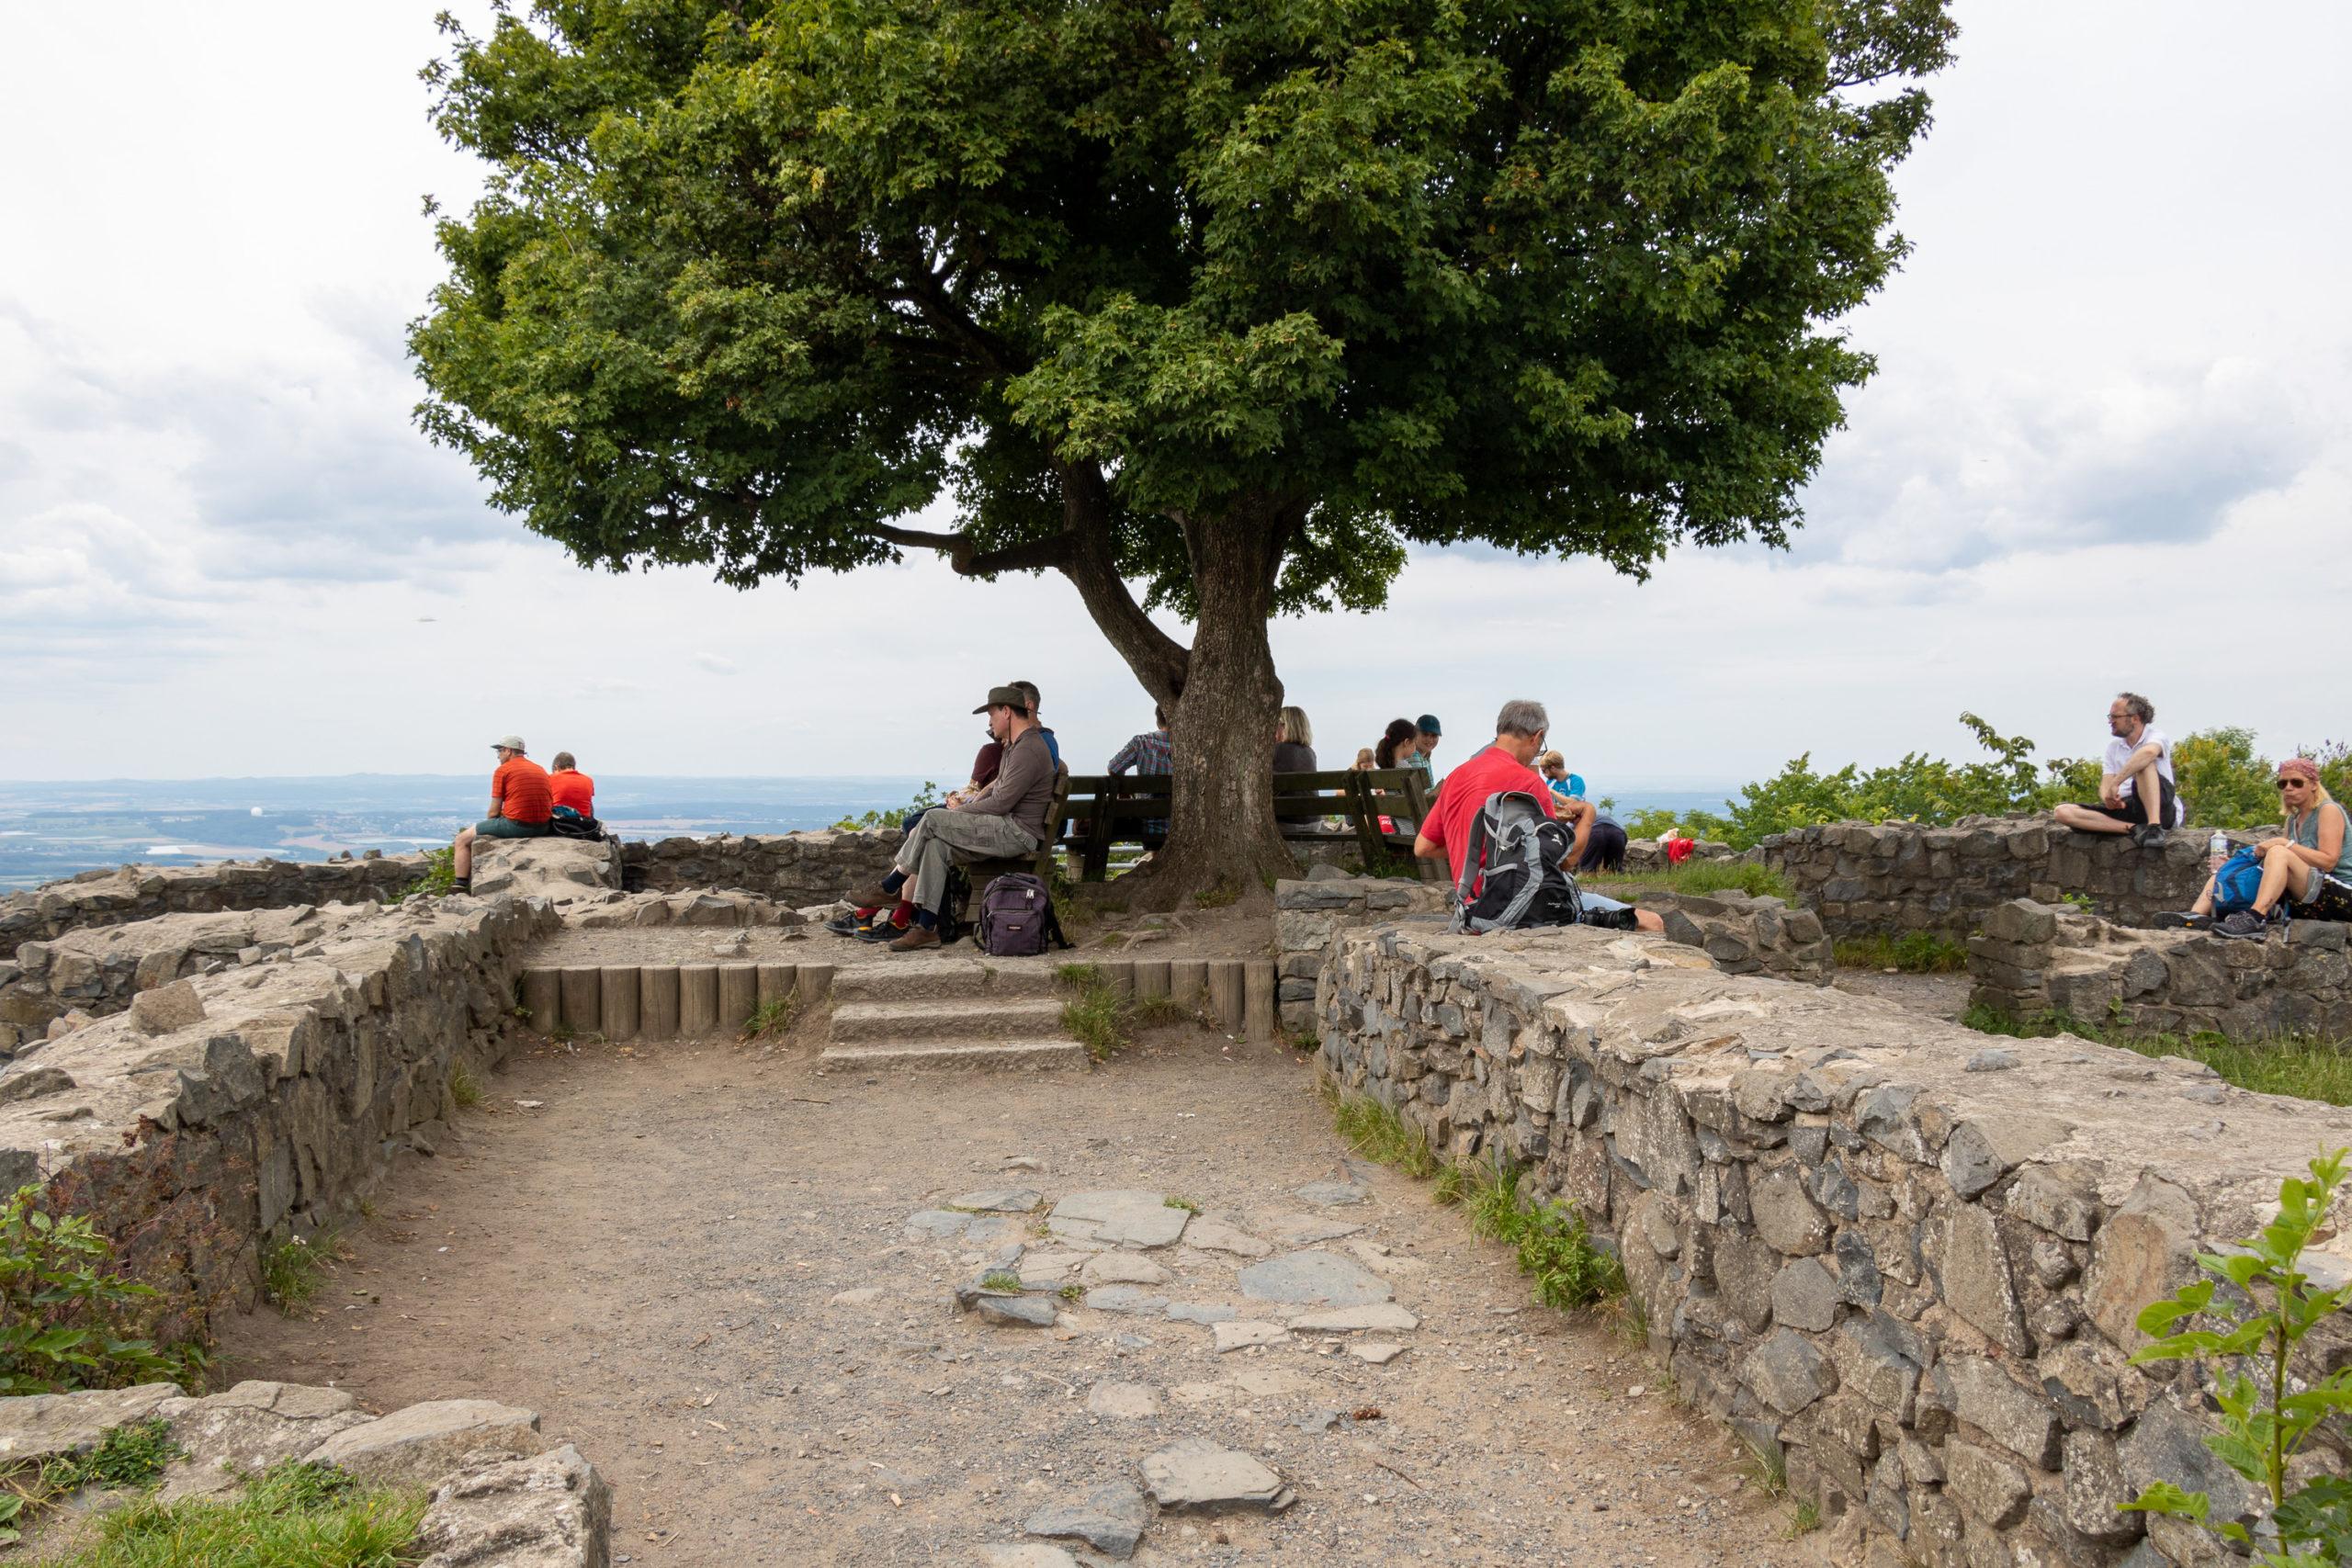 Halbhohe Steinmauern, in der Mitte ein Baum mit Bank darum. Vereinzelt sitzen Menschen herum.